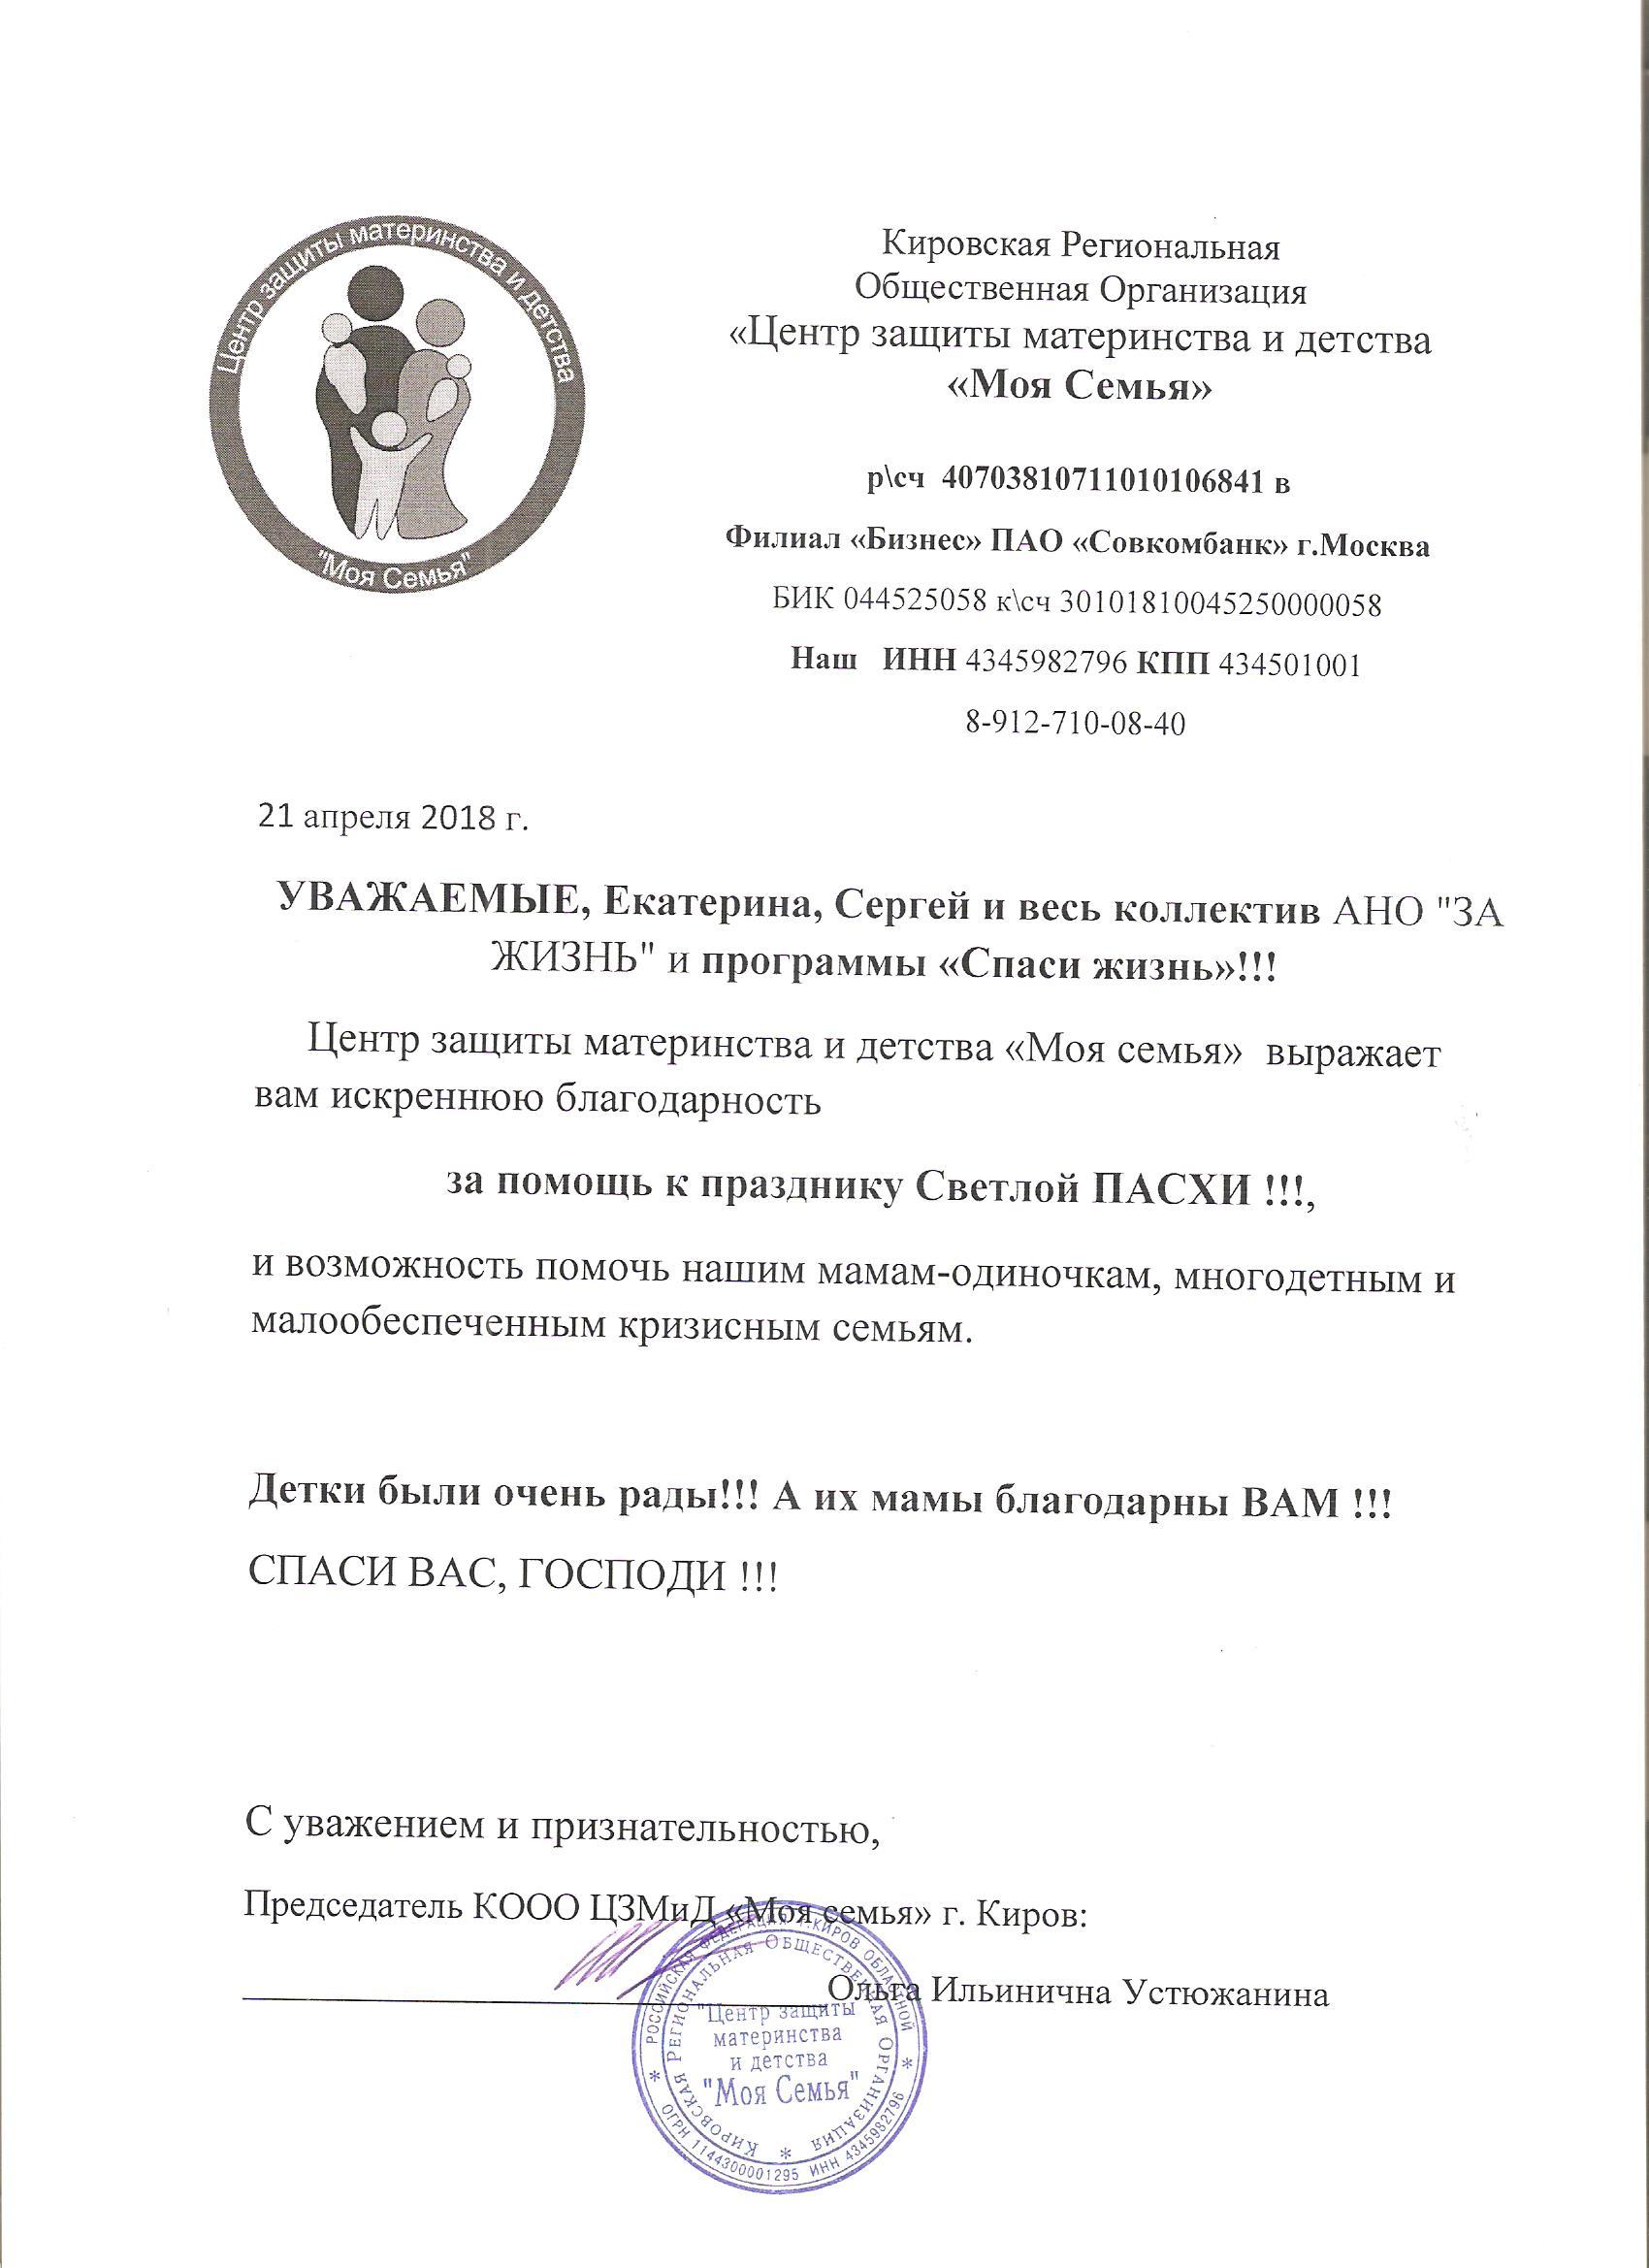 Акция «Пасха в каждом доме!» в Кирове